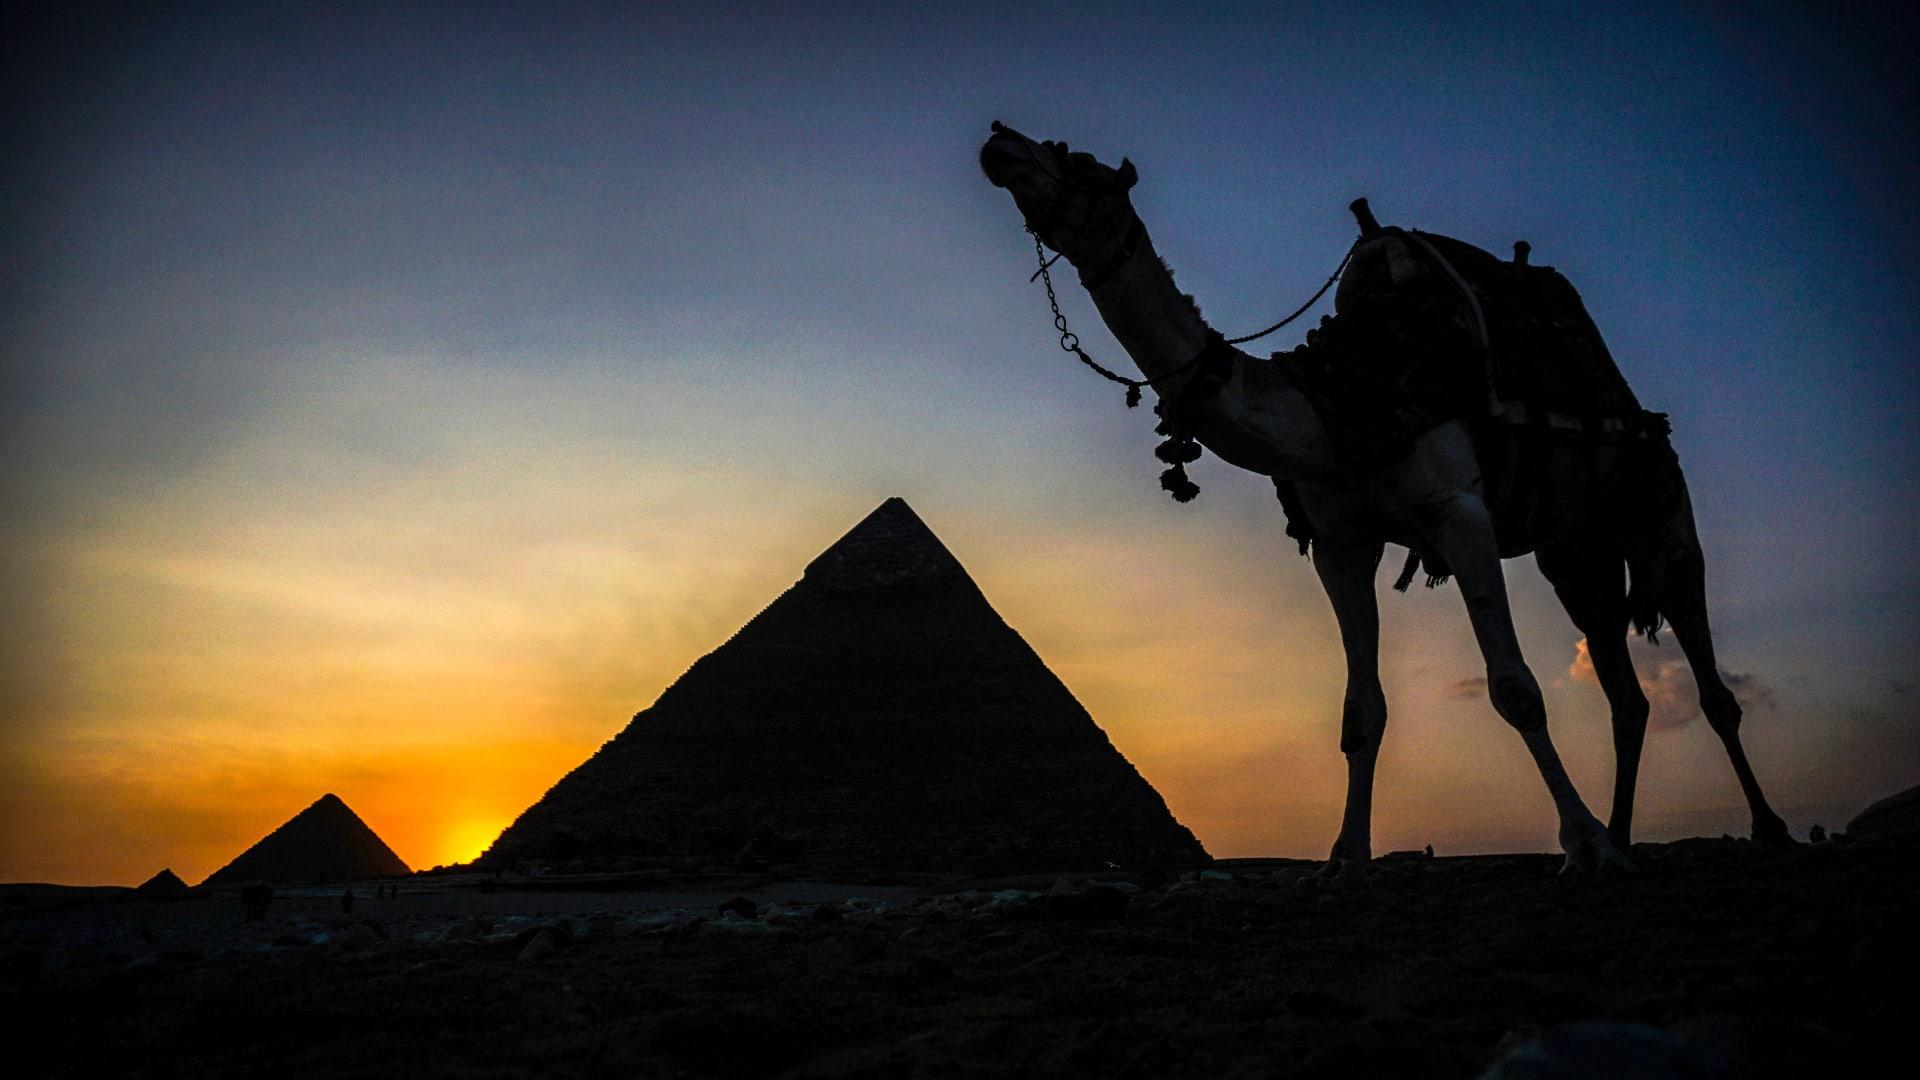 الفاكهة واللحم معاً بطبق مصري واحد اعتبره المسافرون خاصاً بالبلاد قديماً